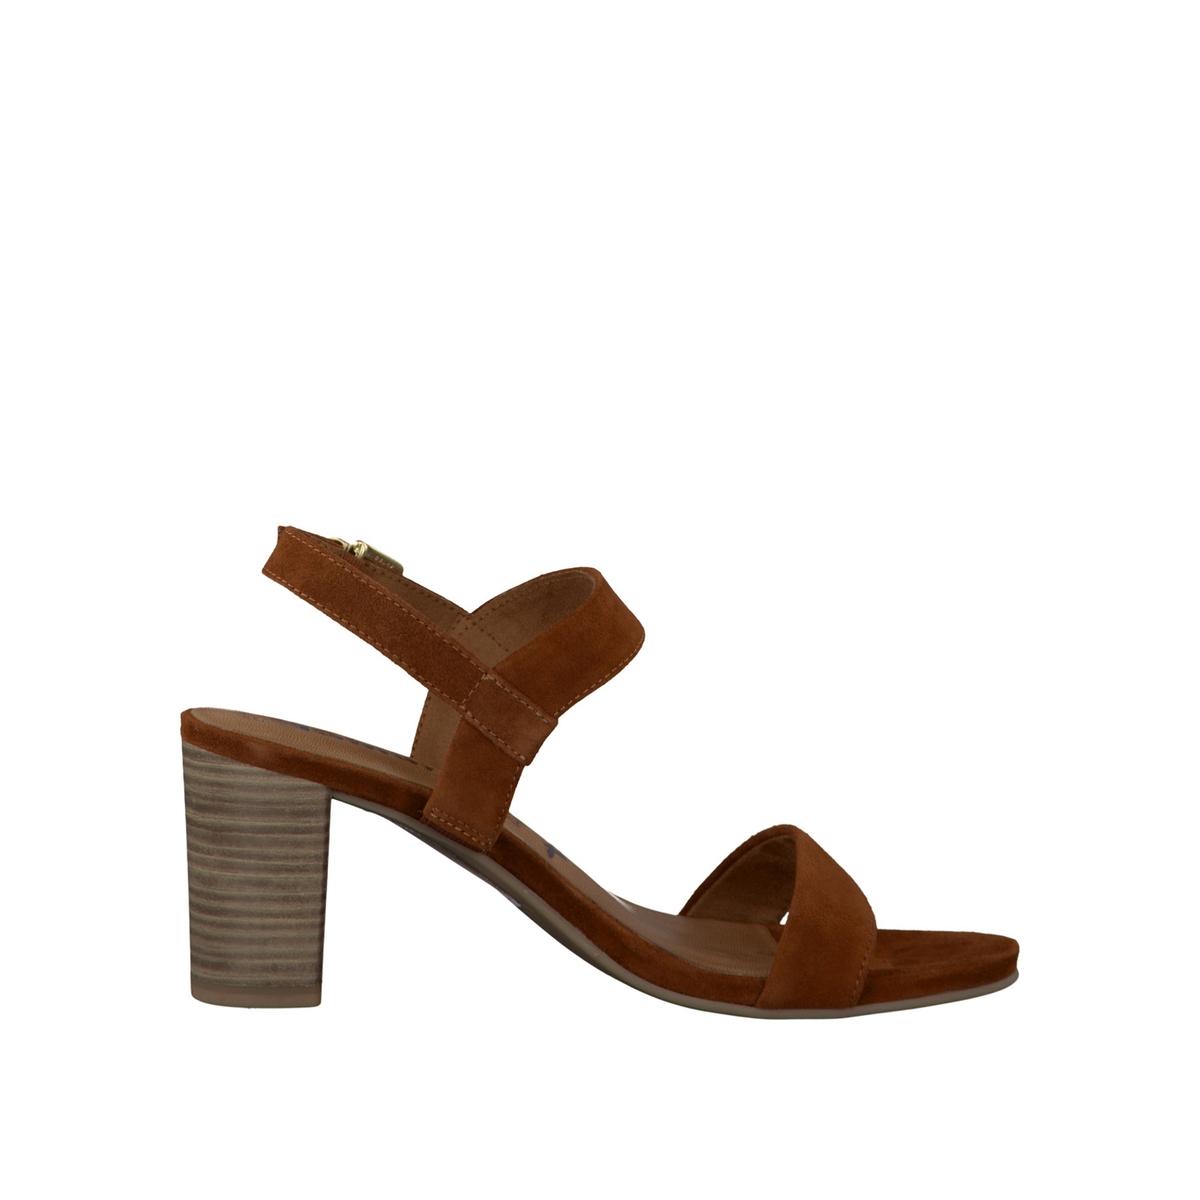 Босоножки кожаные 28321-28Верх/Голенище : кожа    Подкладка : текстиль    Стелька : кожа    Подошва : синтетика    Высота каблука : 7 см    Форма каблука : квадратный каблук    Мысок : закругленный мысок    Застежка : пряжка<br><br>Цвет: каштановый,черный<br>Размер: 39.38.41.38